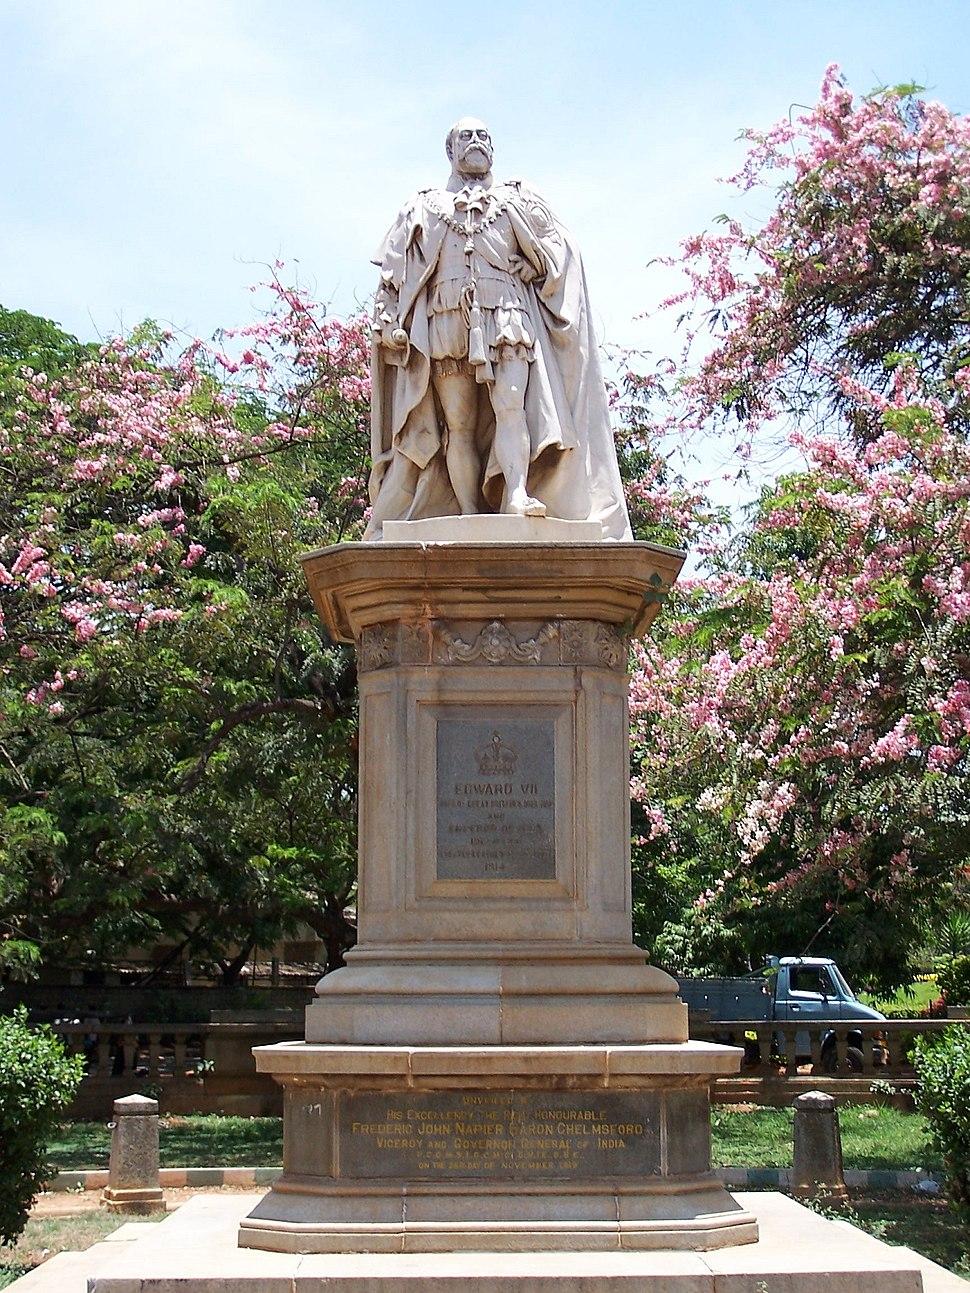 Edward VII Front Full, Bangalore